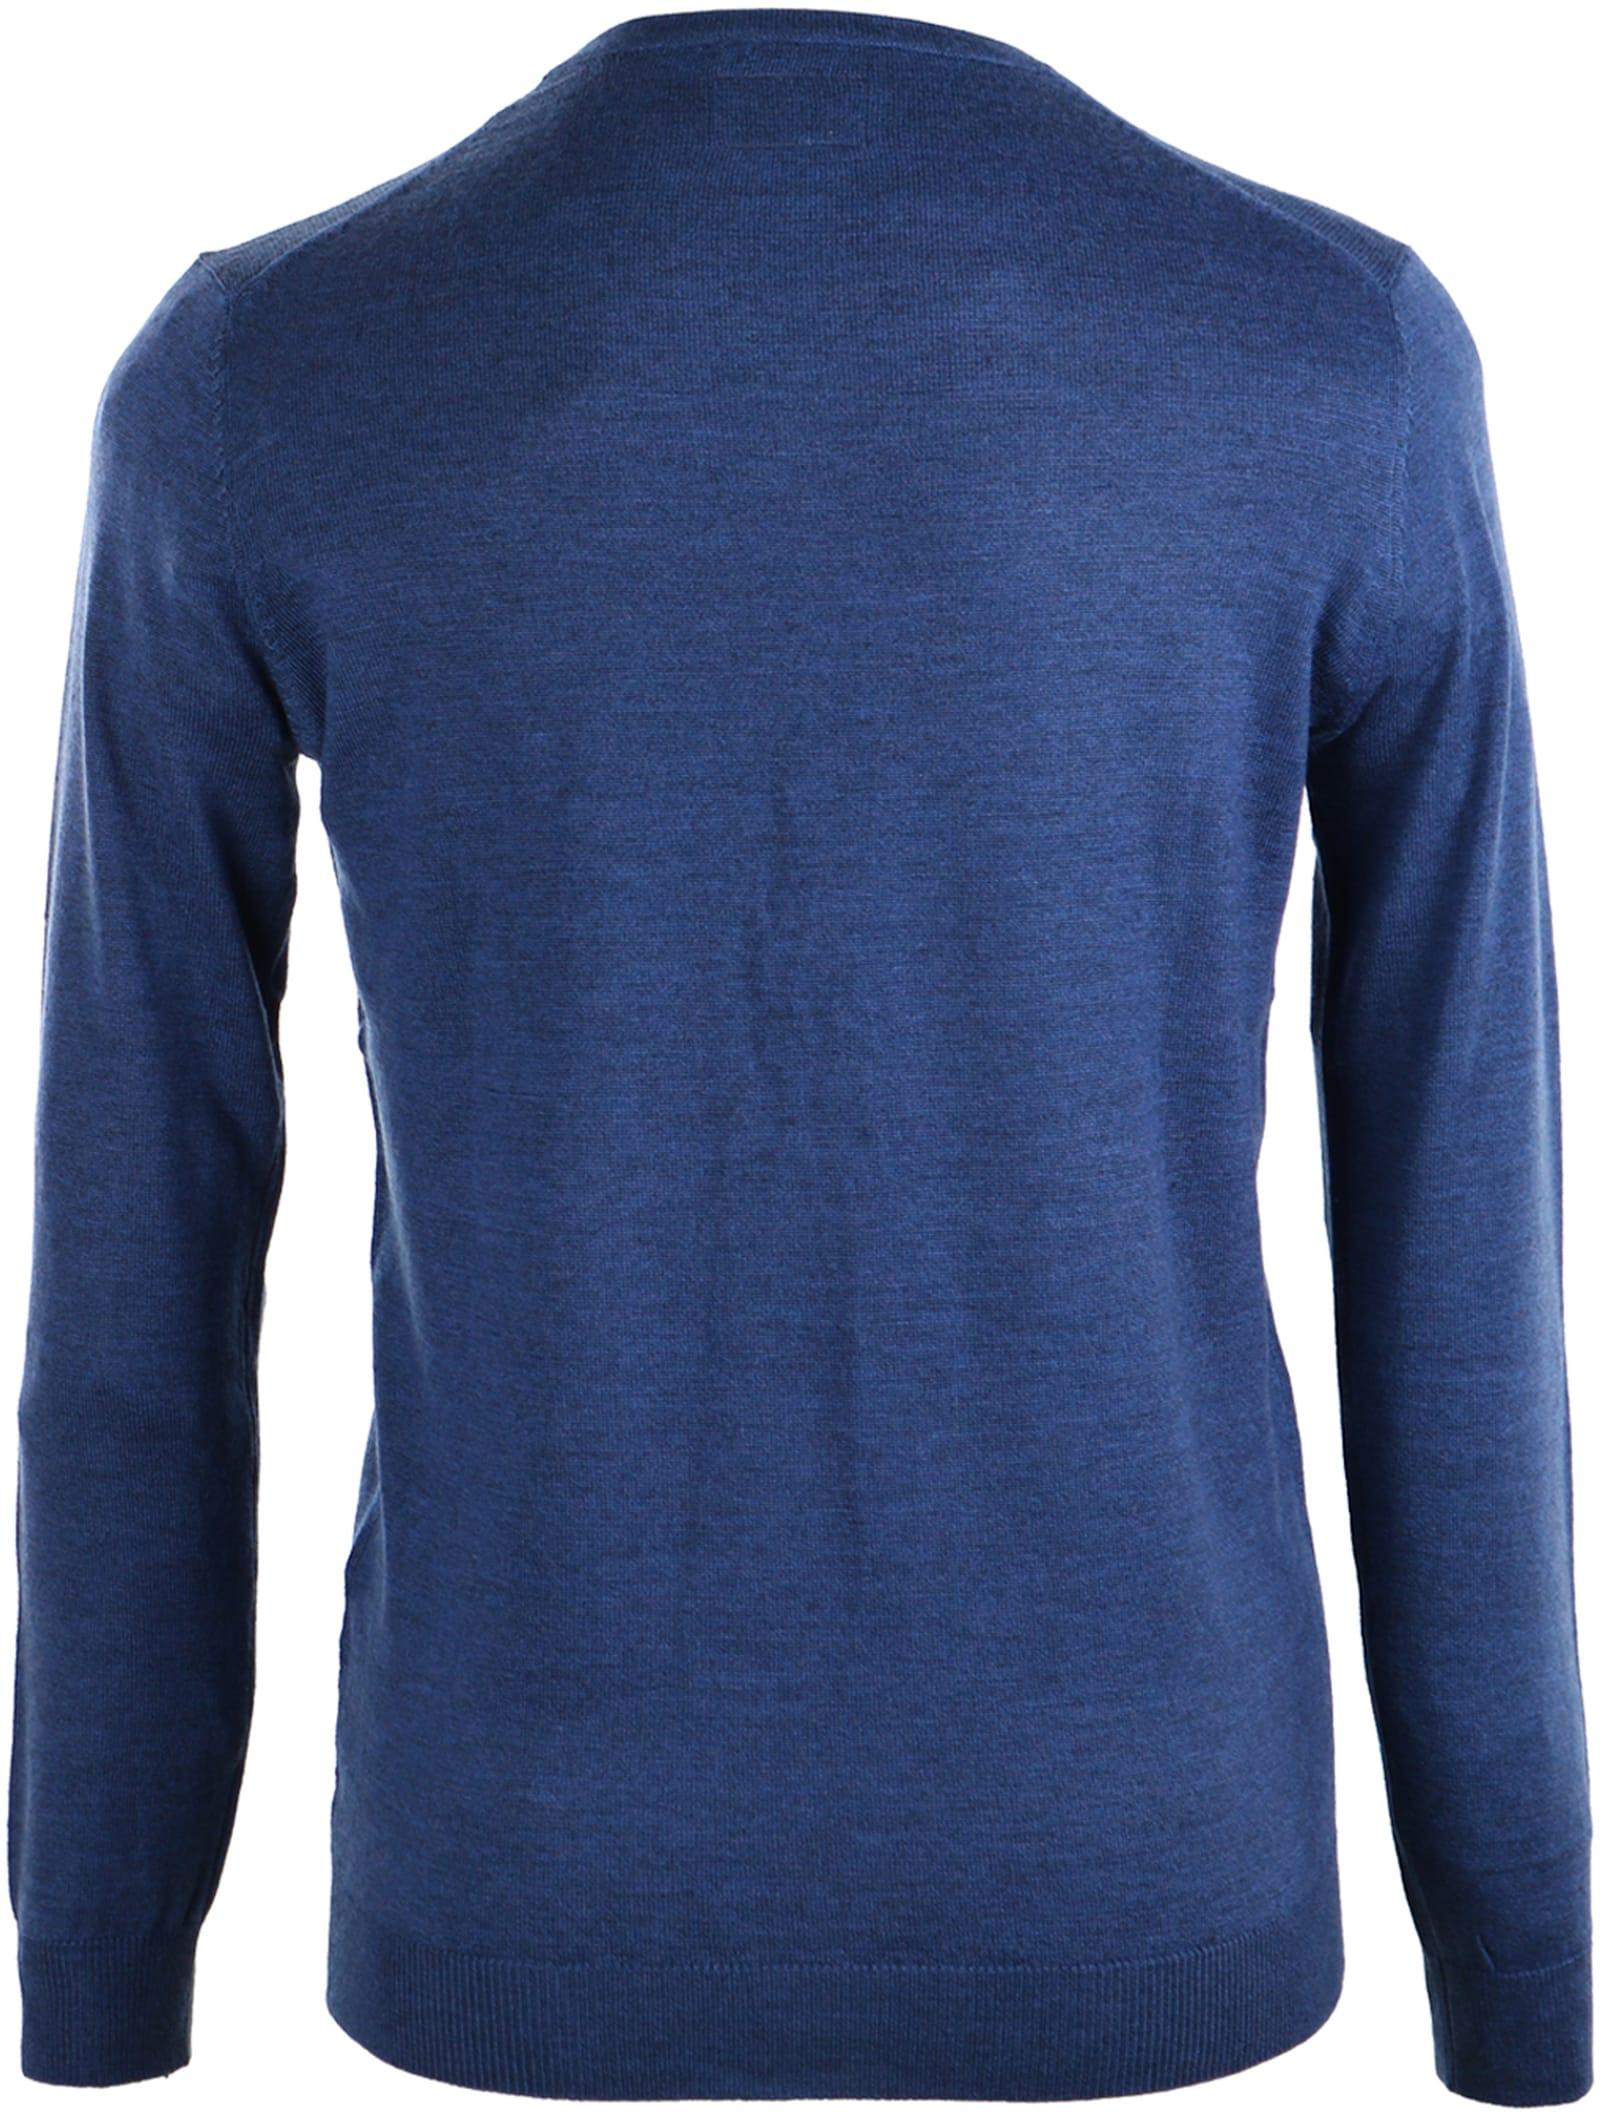 Suitable Pullover Merino Wol Indigo Blauw foto 1